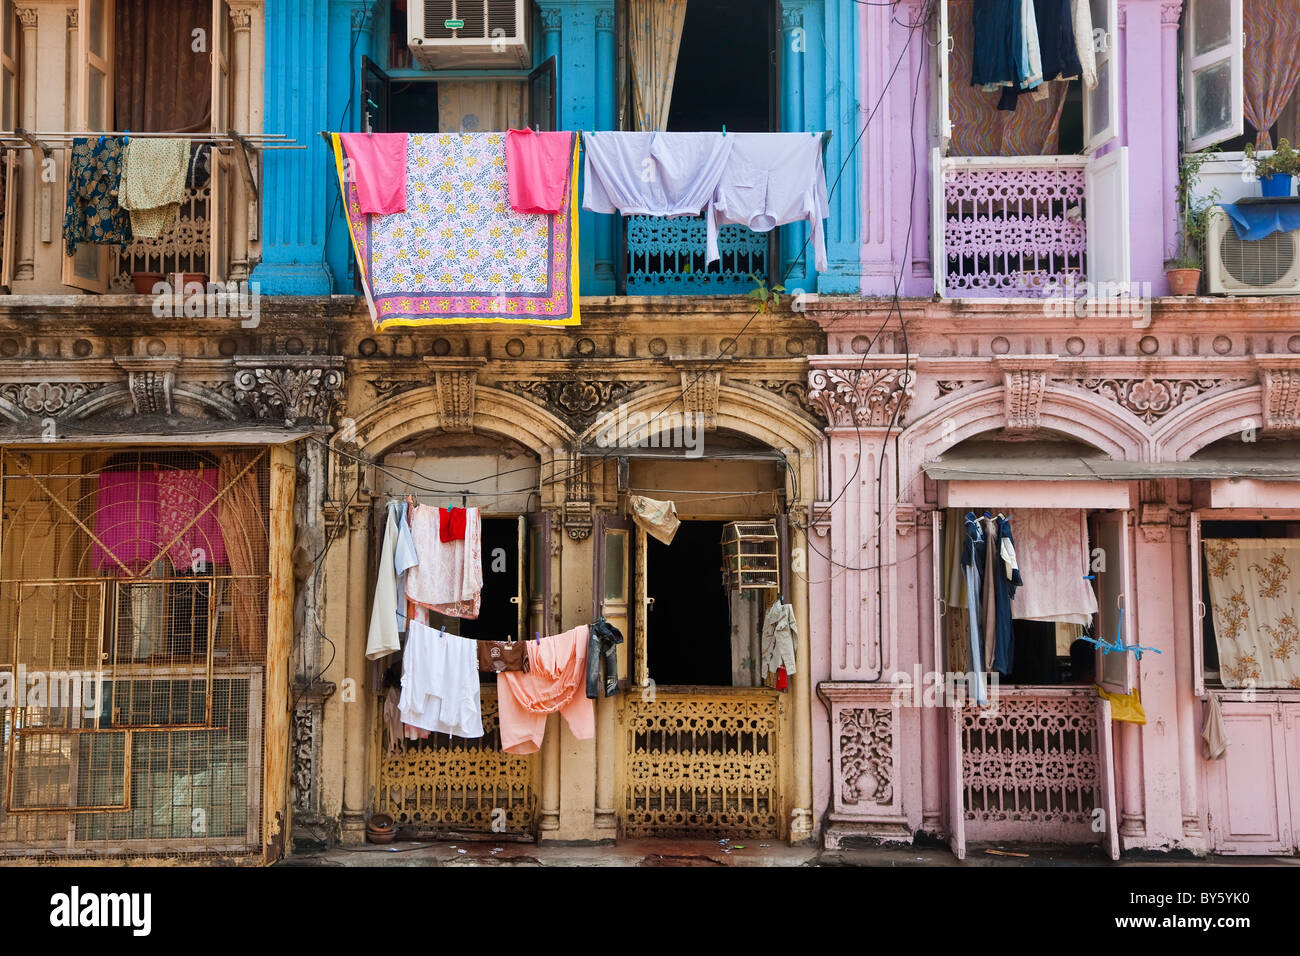 Séchage lavage extérieur appartements, Mumbai (Bombay), Inde Photo Stock